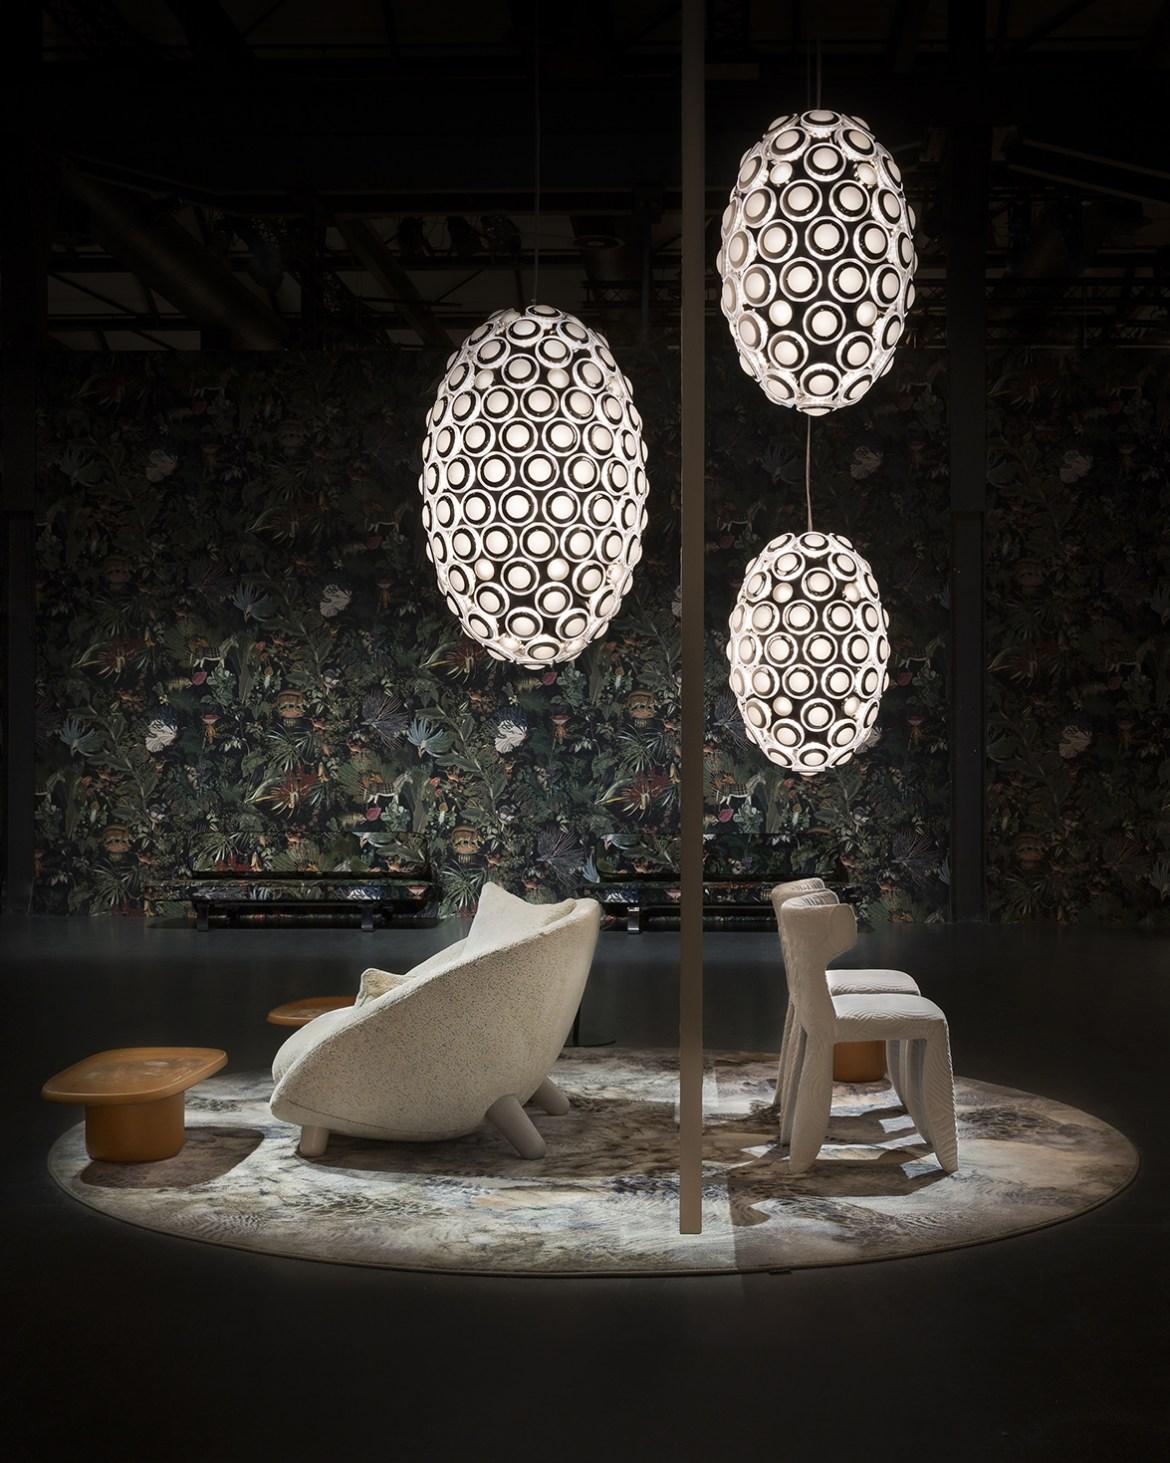 dodo pavone side view moooi 300dpi - 'Iconic Eyes' la lámpara inspirada en los clásicos faros de BMW